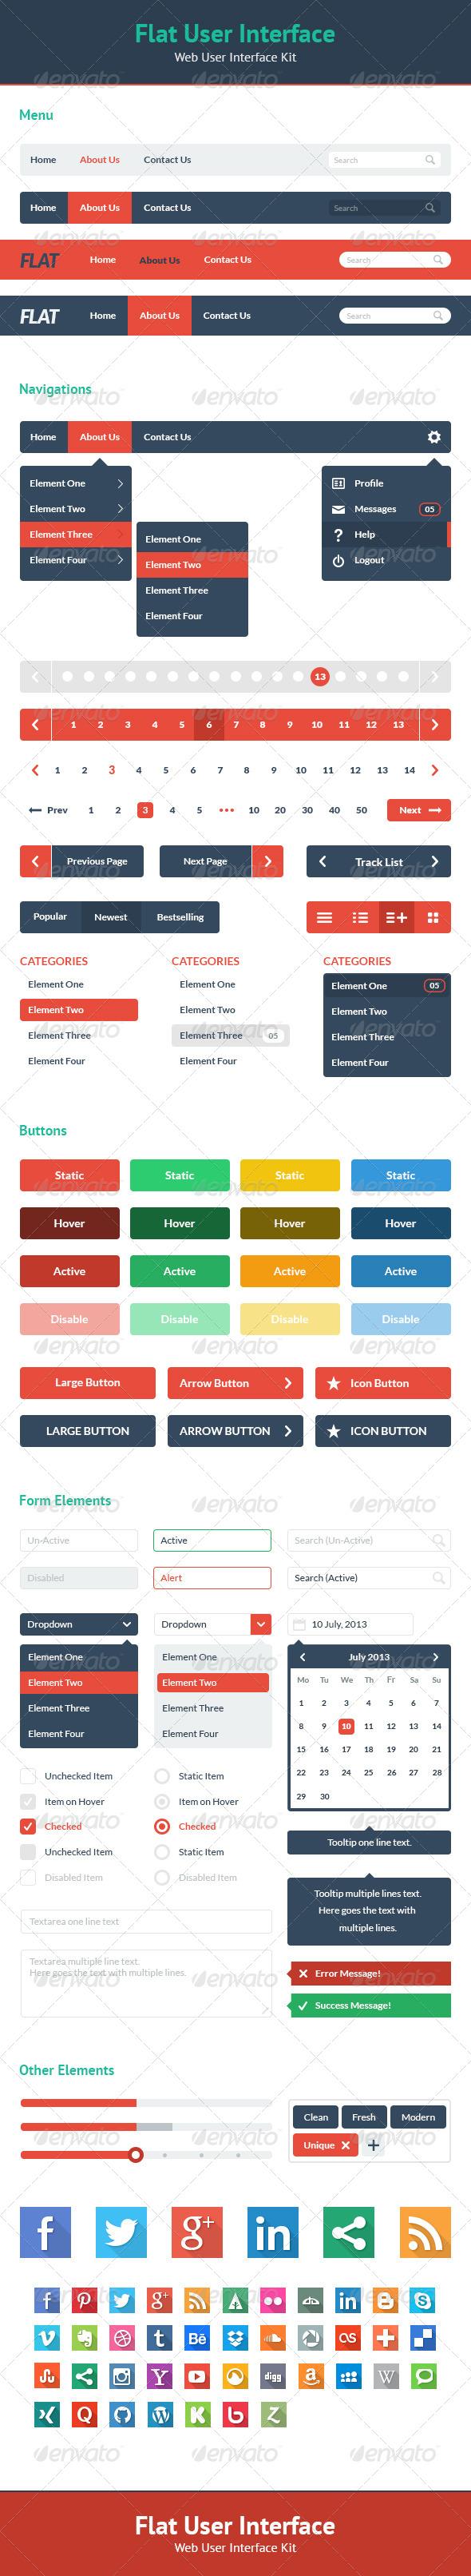 Flat User Interface - Web UI Kit by felipelessa